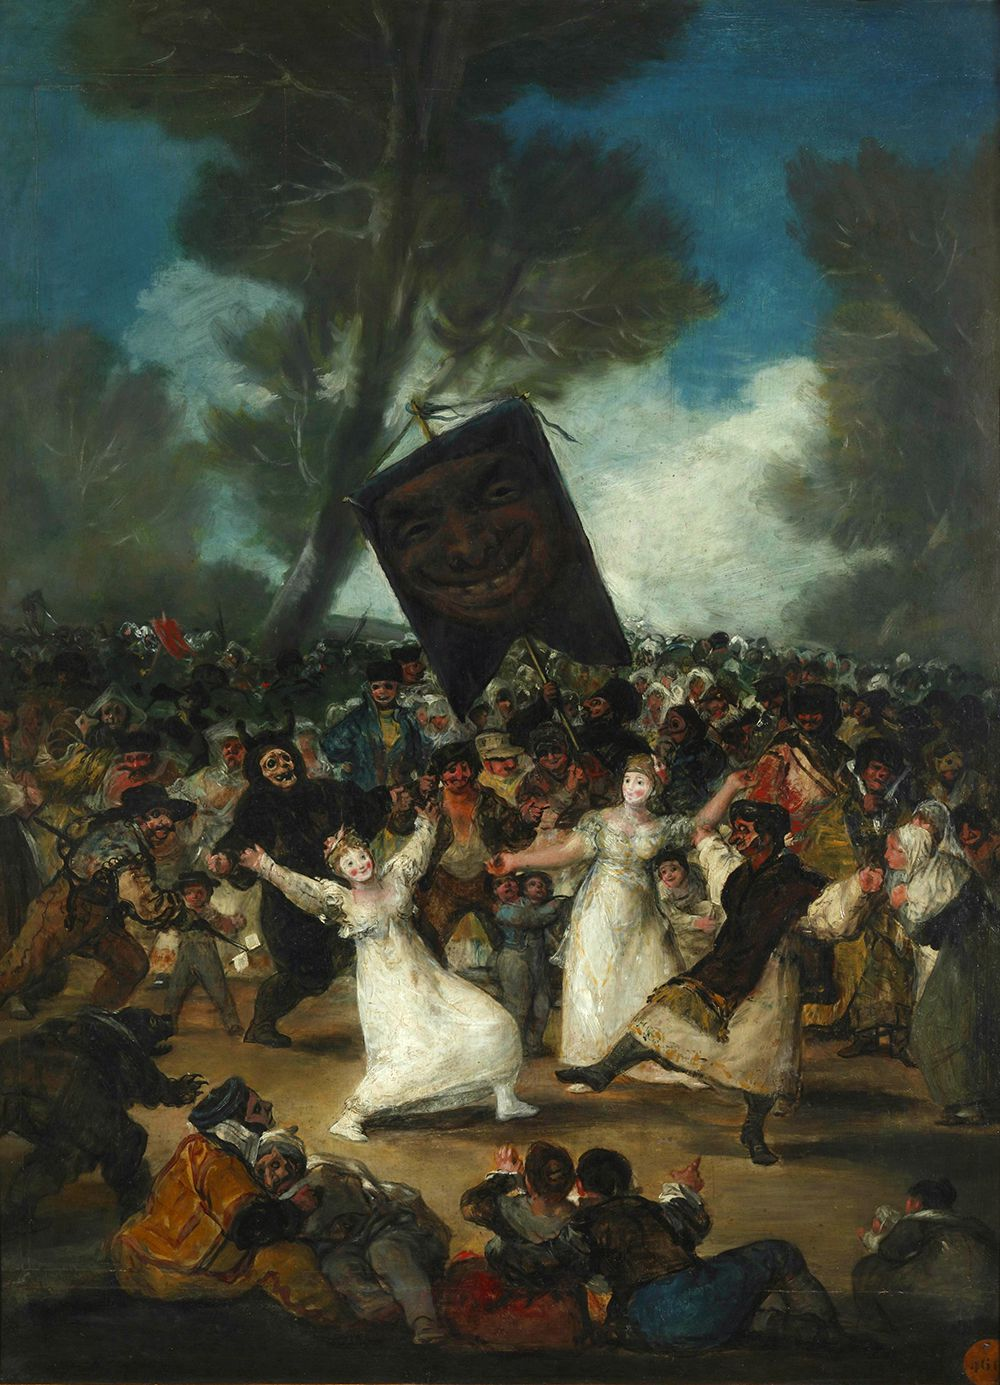 «Похороны сардинки». 1812-1819 гг. На картине запечатлён шутовской обычай. По легенде, в XVIII в. король решил угостить сардинами горожан в честь Пепельной среды. Однако обнаружилось, что рыба испортилась. Подвыпившие граждане решили превратить всё в шутку и устроили похороны сардине. Во времена Гойи шествие в Мадриде начинали шутливые персонажи: «дядюшка Чиспас», его «дочь Чуска» и «сердцеед Хуанильо». За ними следовало чучело с сардиной на голове. «Хоронили» рыбину у берегов Мансанареса. Странно, но у Гойи нет ни сардины, ни чучела. Вместо них — большой стяг с улыбающейся маской.